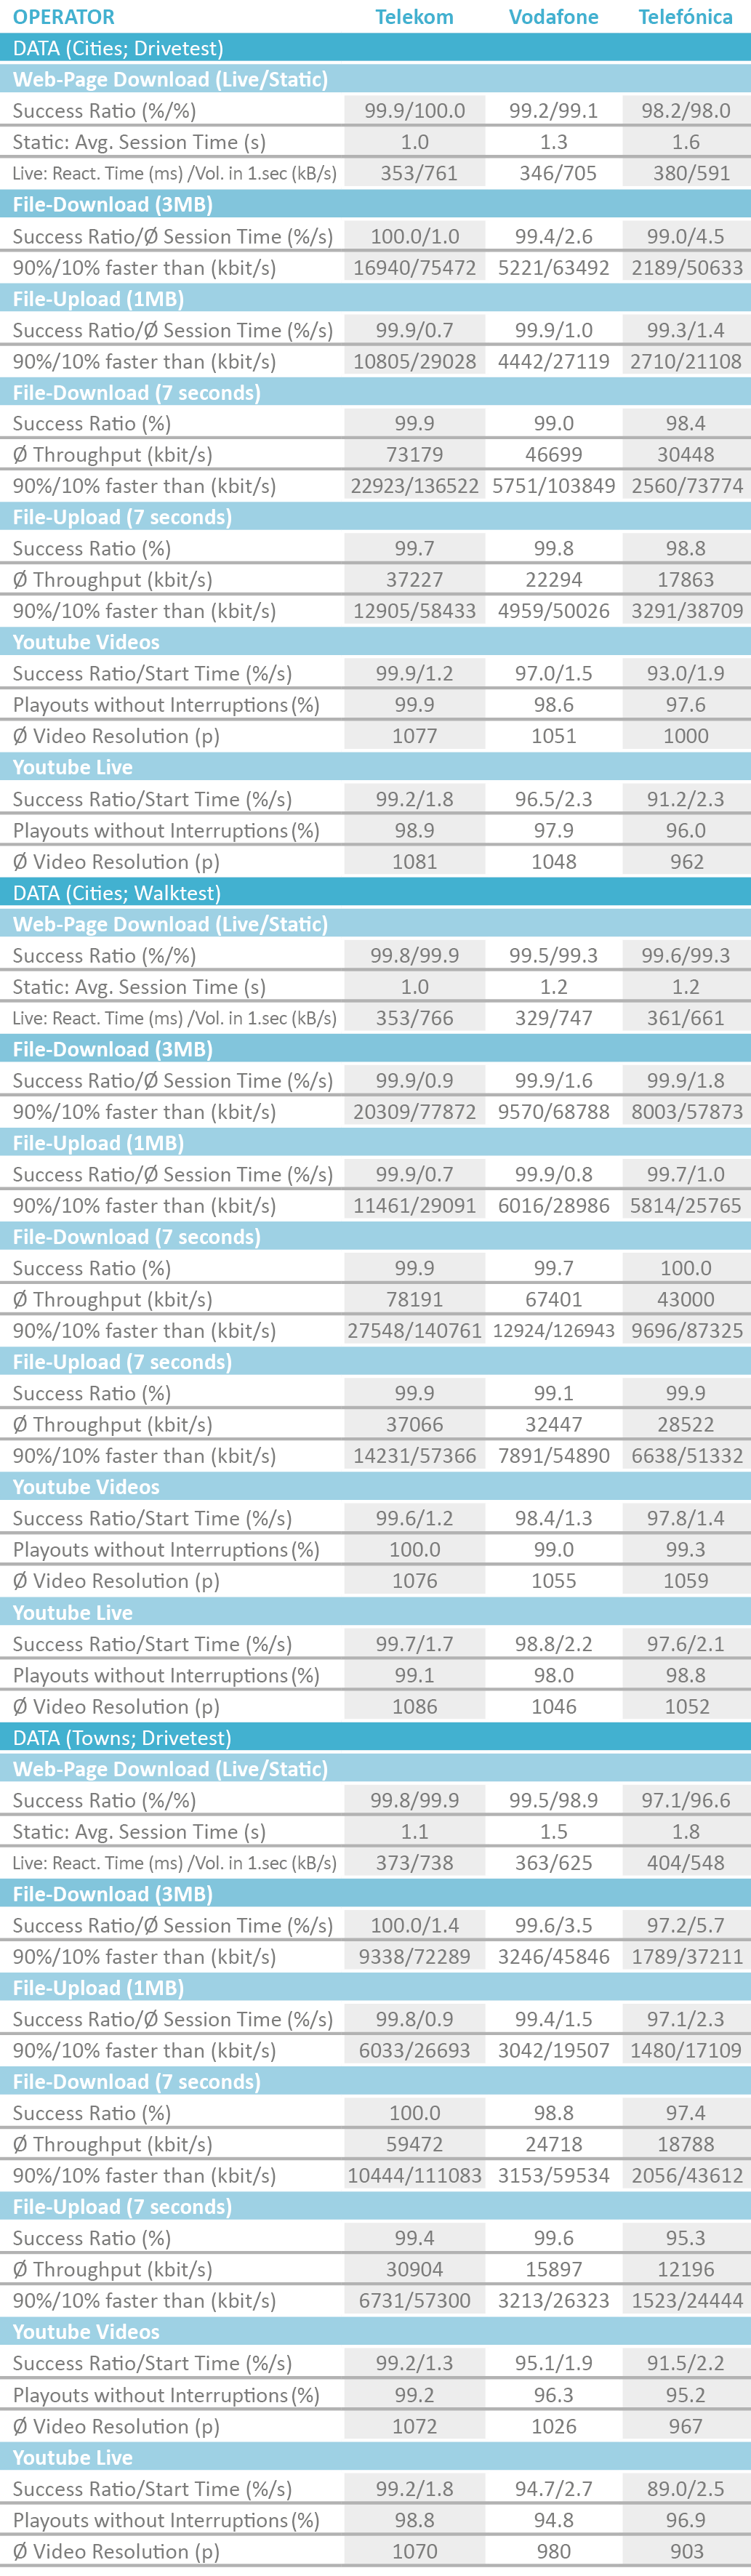 D_Tabelle_DatenCitiesDriveWalk2018_englisch.png